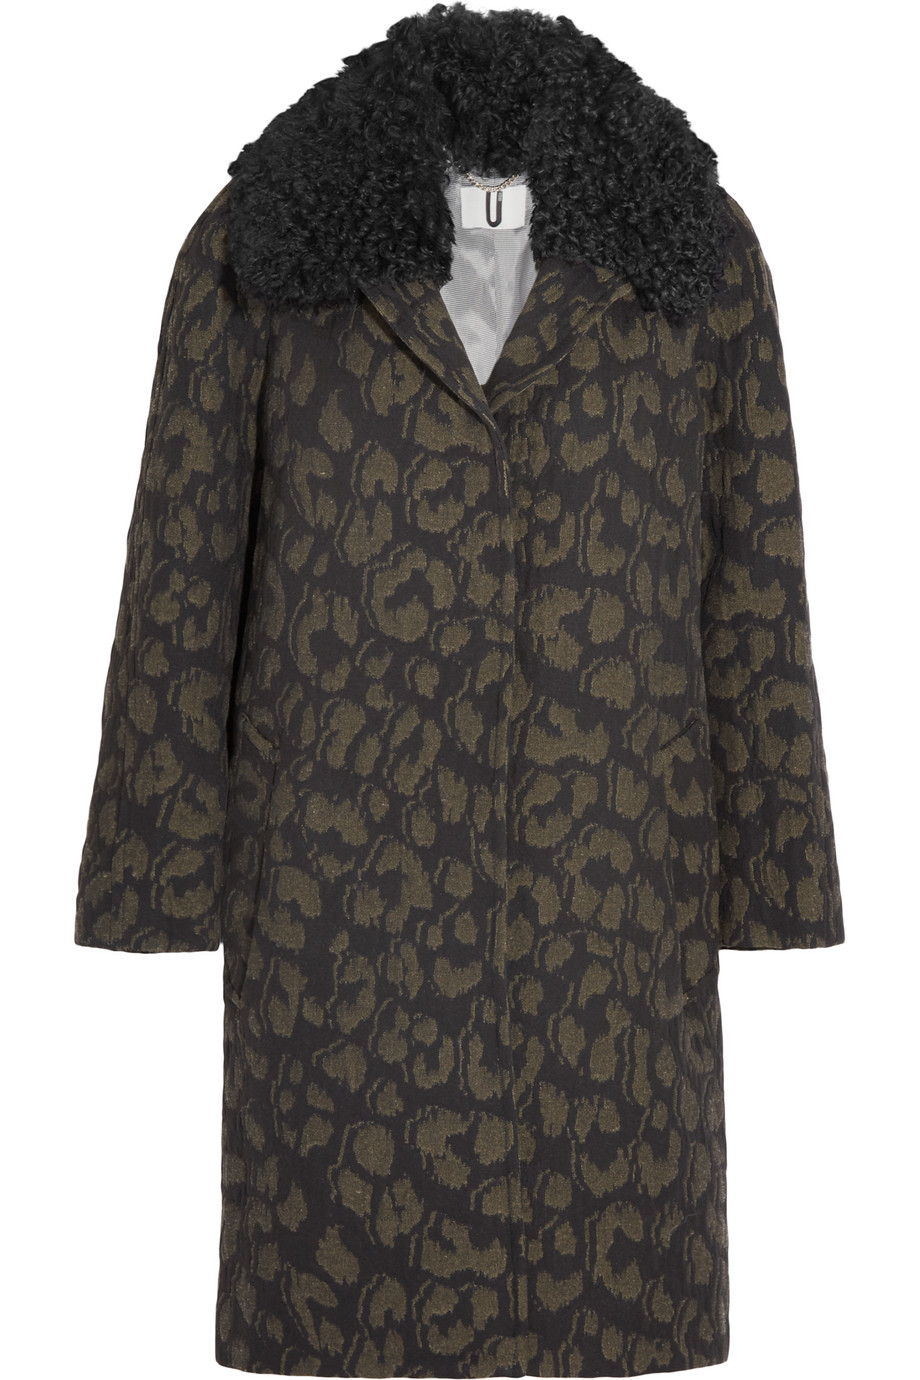 Topshop Unique Sidgwick Shearling-Trimmed Cloqué Coat, Leopard Print, Women's, Size: 12